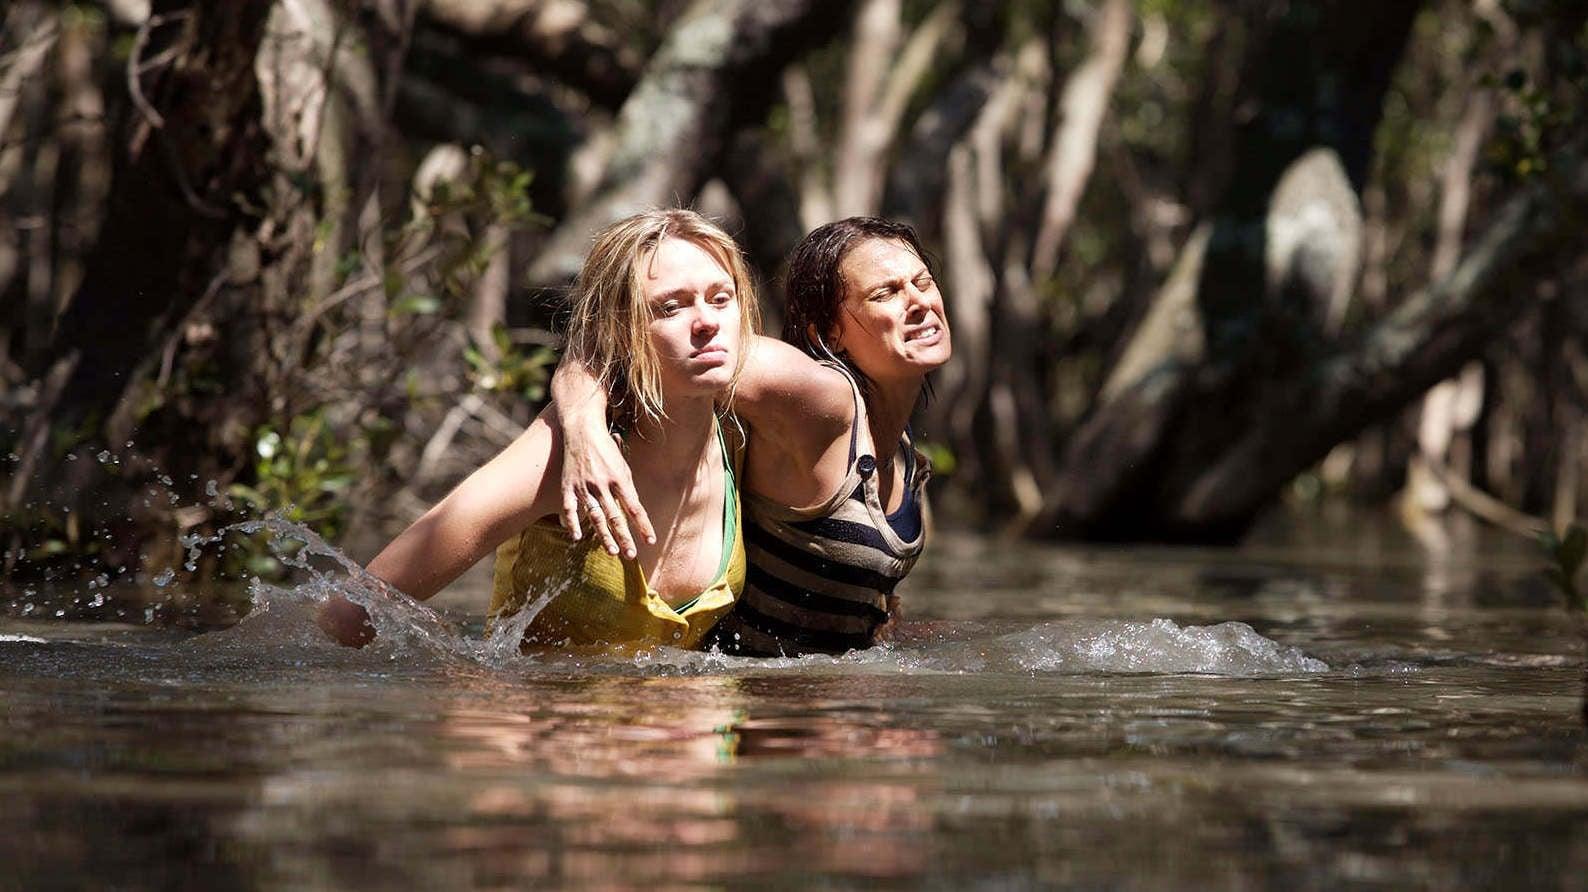 Watch date movie online megavideo in Australia